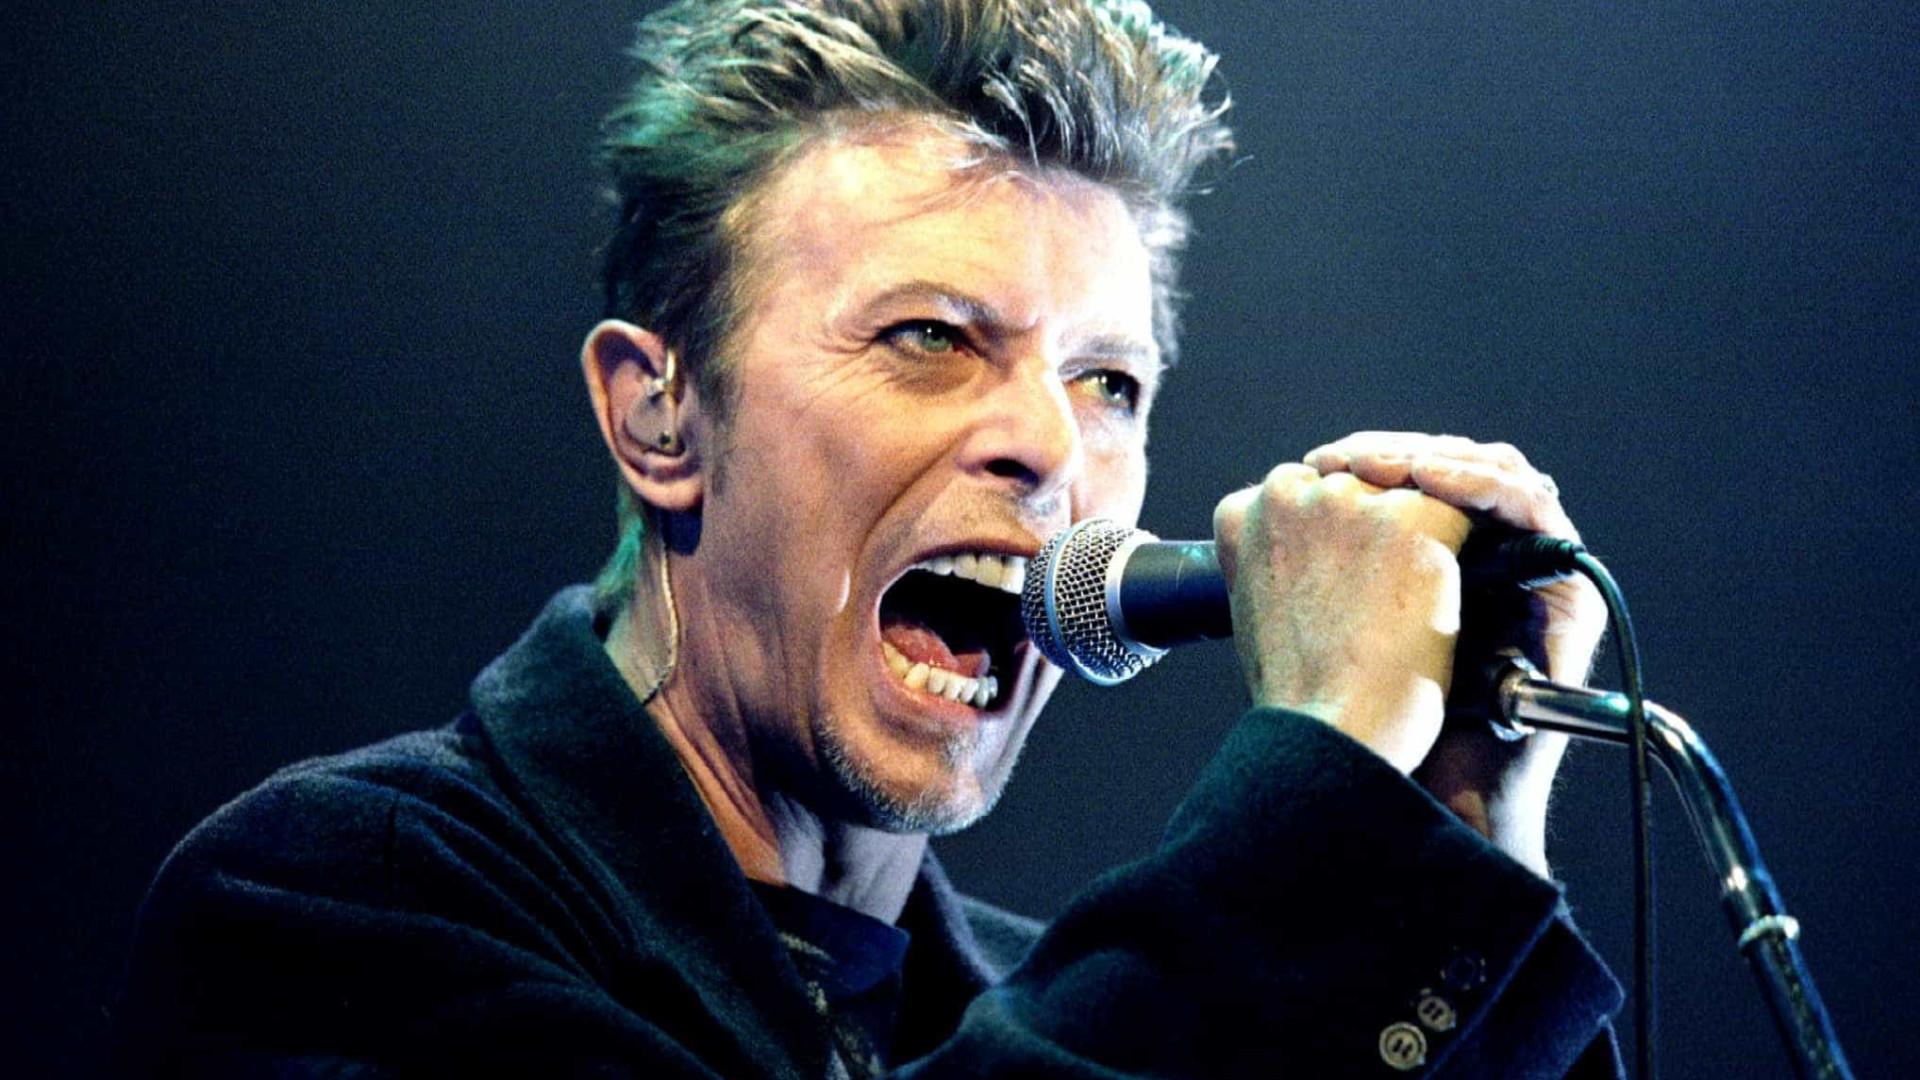 Primeira gravação conhecida de David Bowie valeu 45 mil euros em leilão